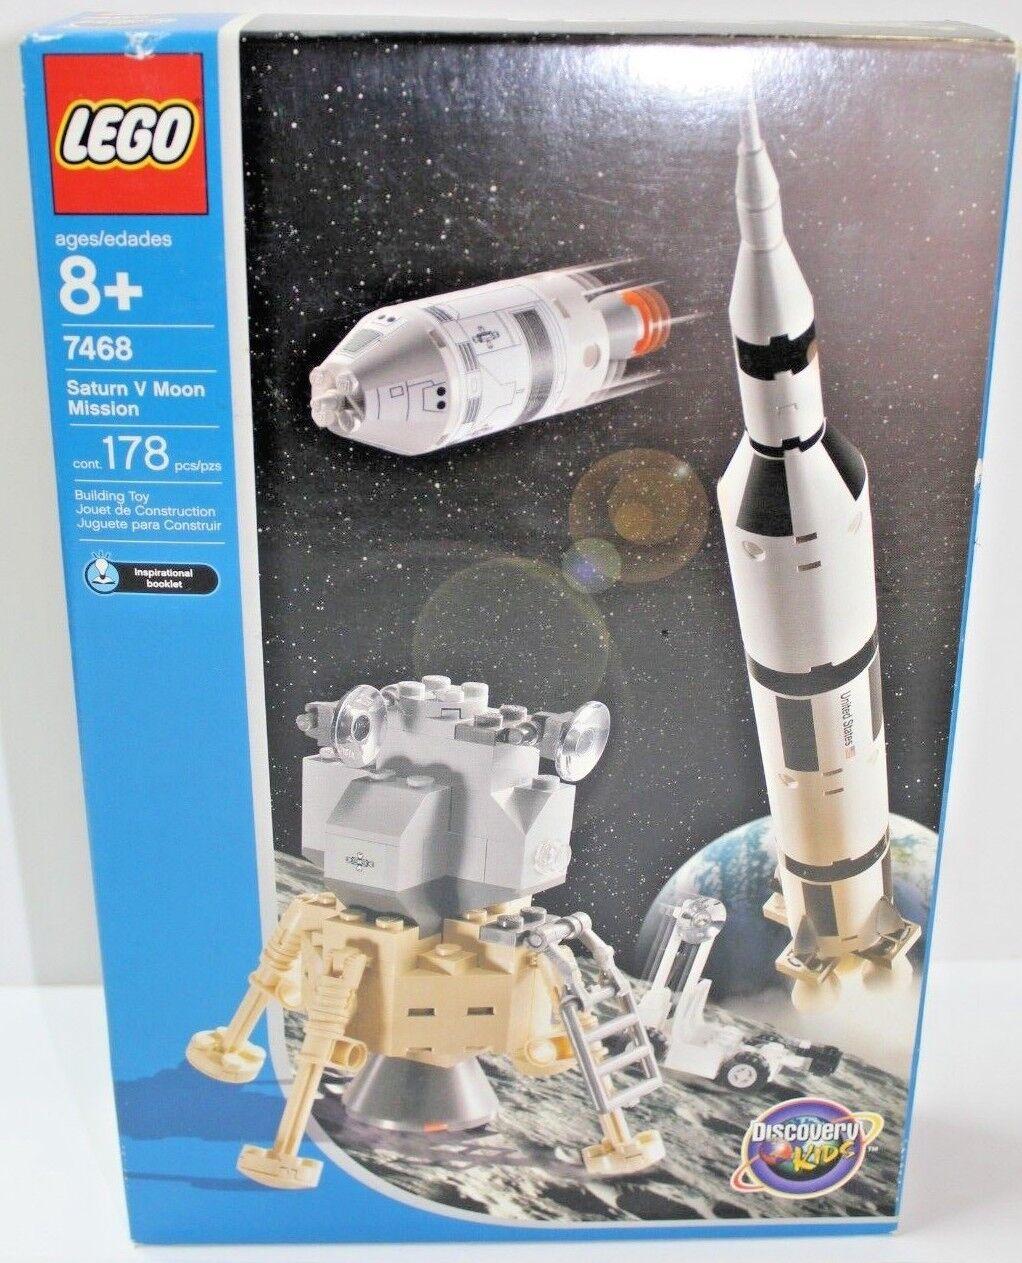 LEGO LEGO LEGO 7468 Saturn V Moon Mission  NIB  FREE SHIPPING 6b2f29